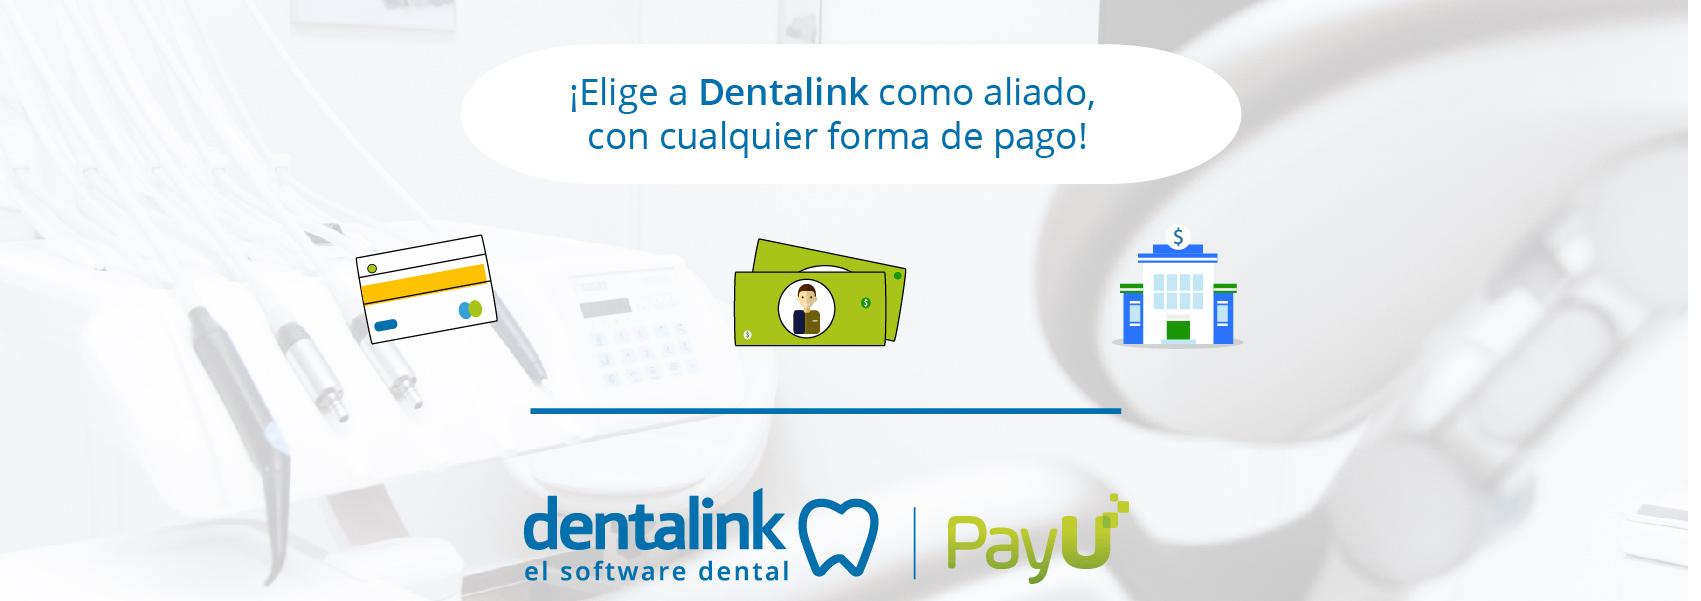 ¡Dentalink más efectivo!